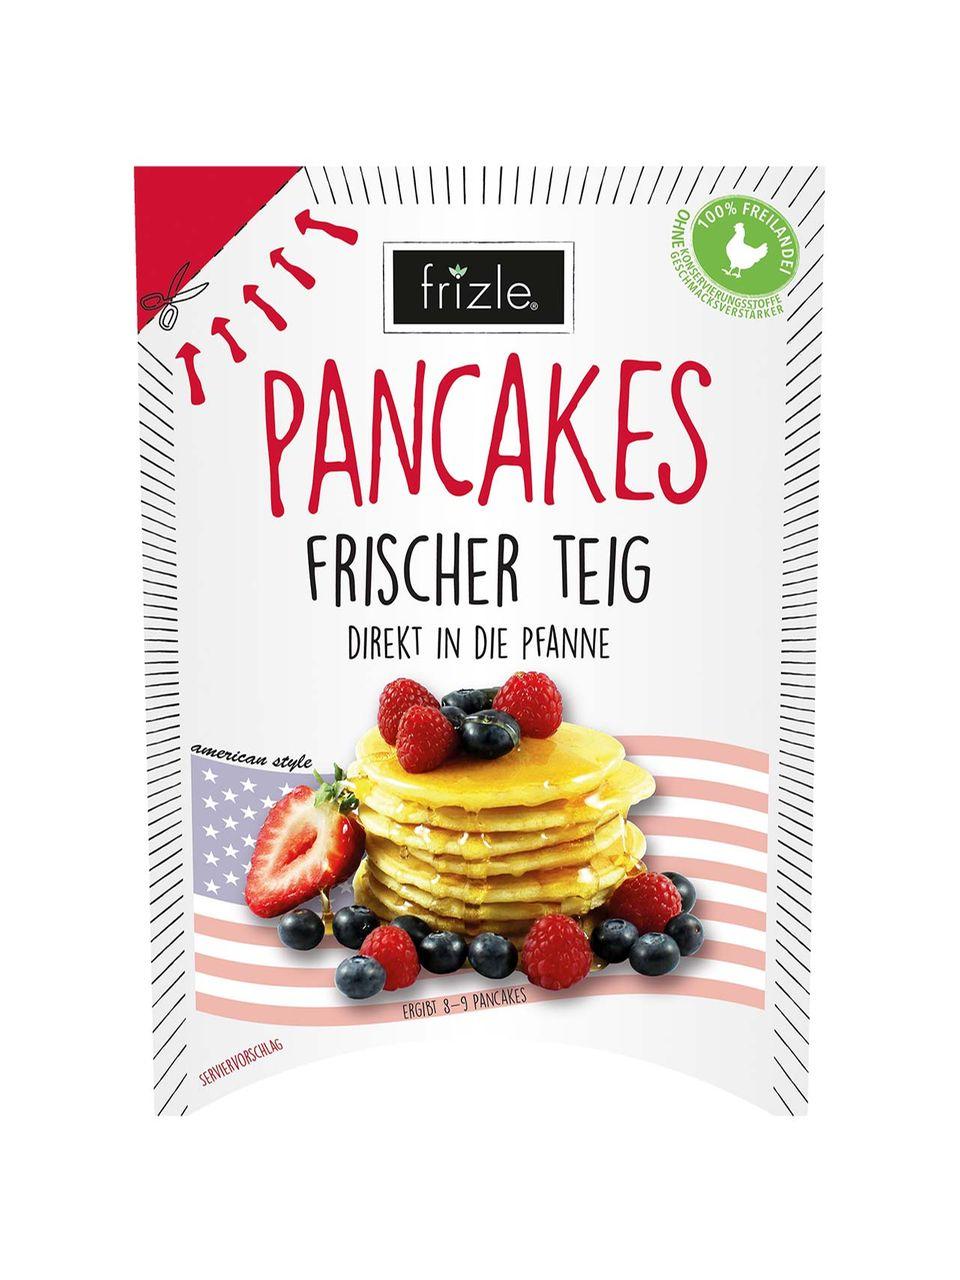 Frischer Pancake-Teig von frizle